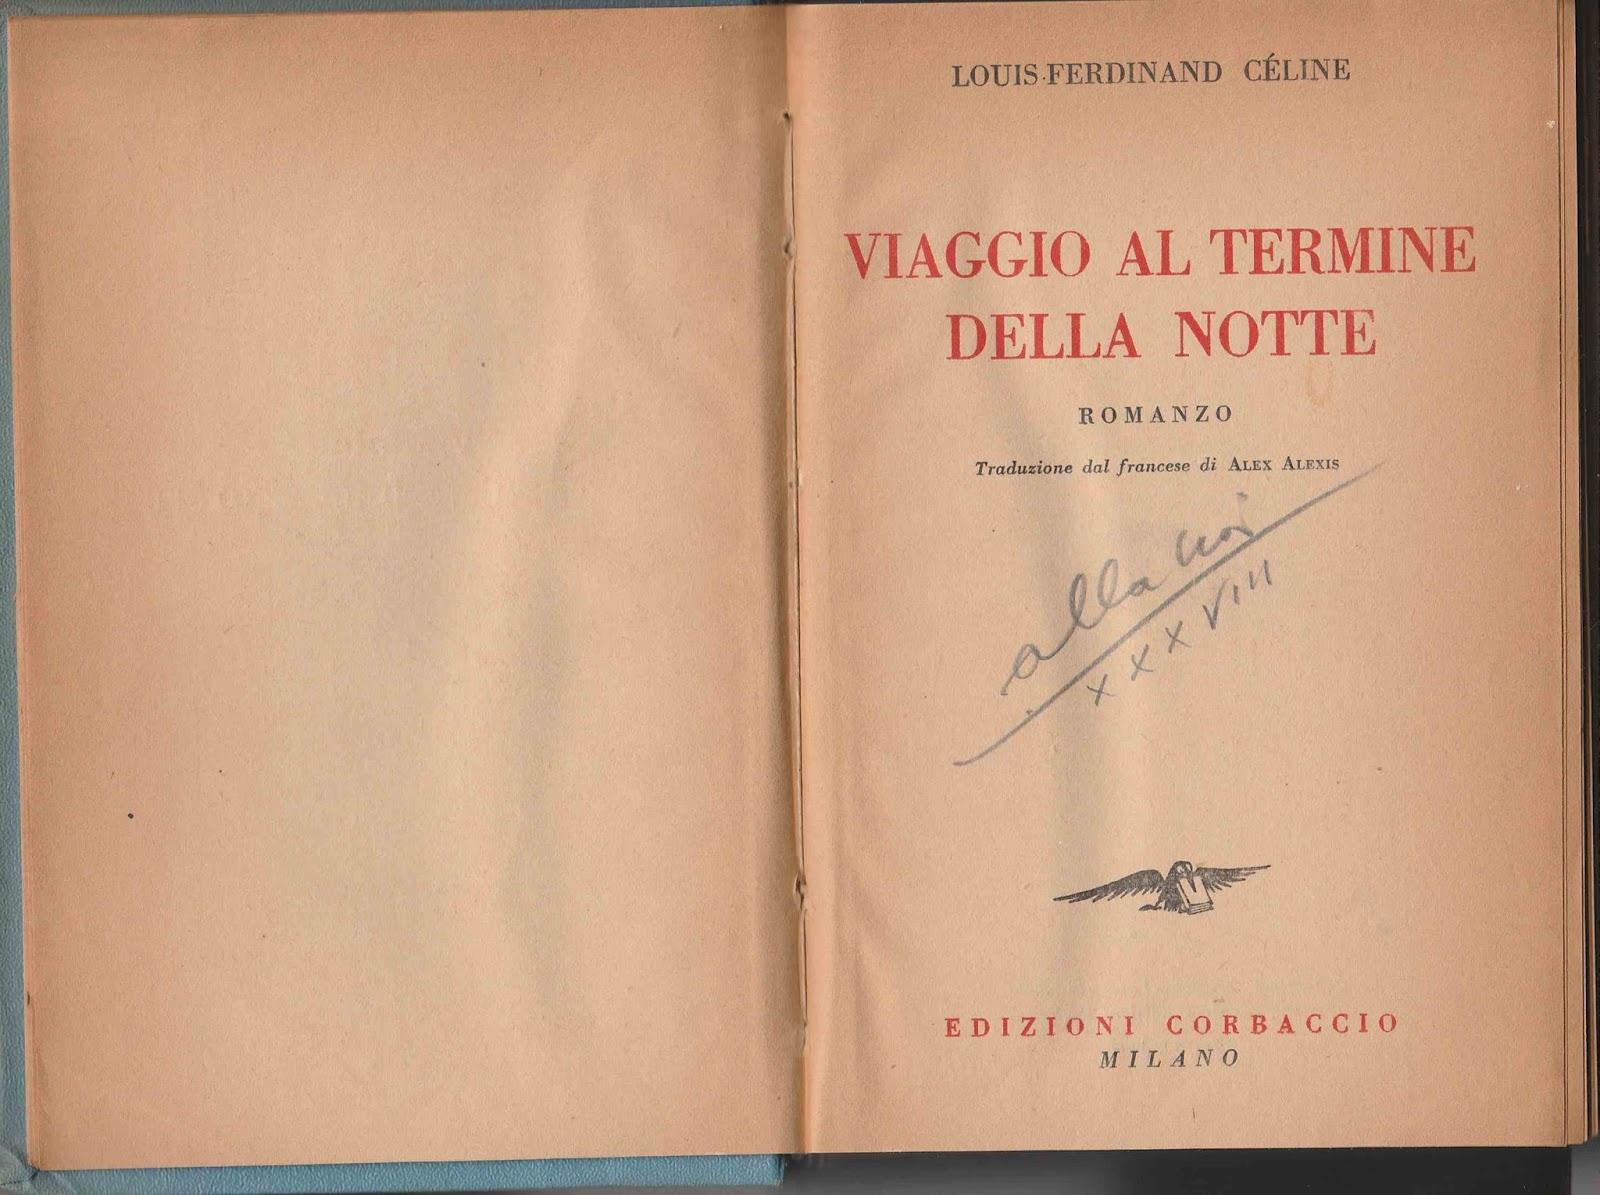 celine viaggio al termine della notte  LOUIS-FERDINAND CÉLINE – VIAGGIO AL TERMINE DELLA NOTTE (Corbaccio 1933)